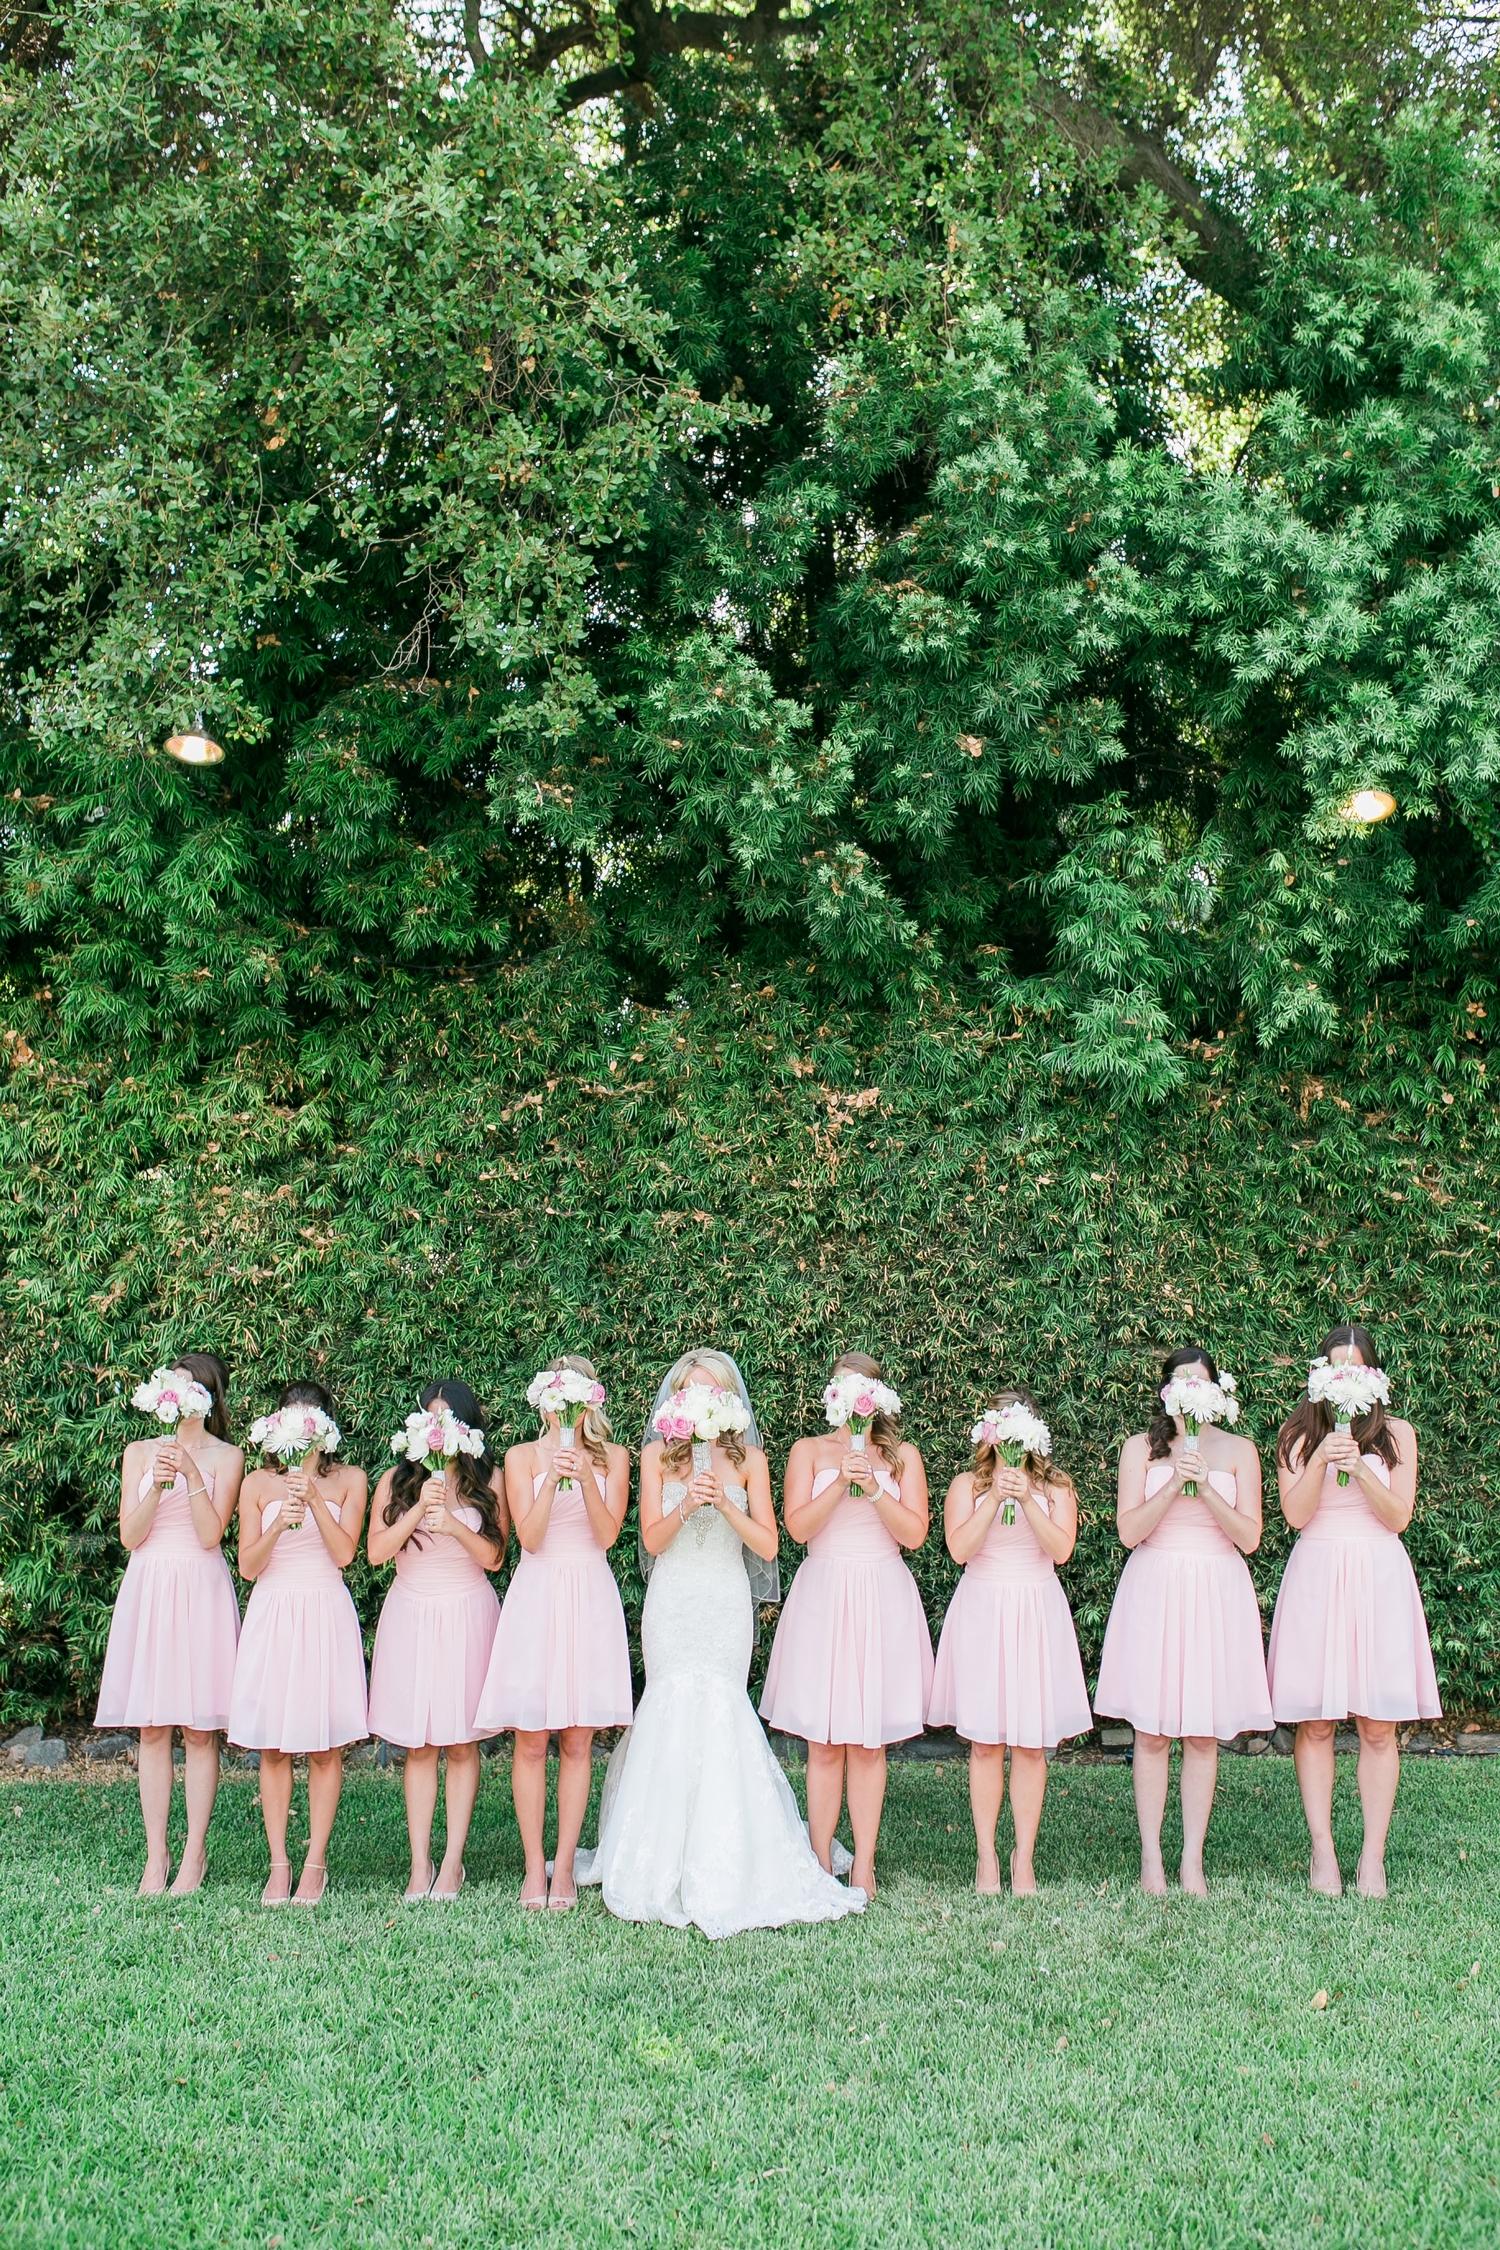 robes-identiques-demoiselles-dhonneur-mariage-la-soeur-de-la-mariee-blog-mariage